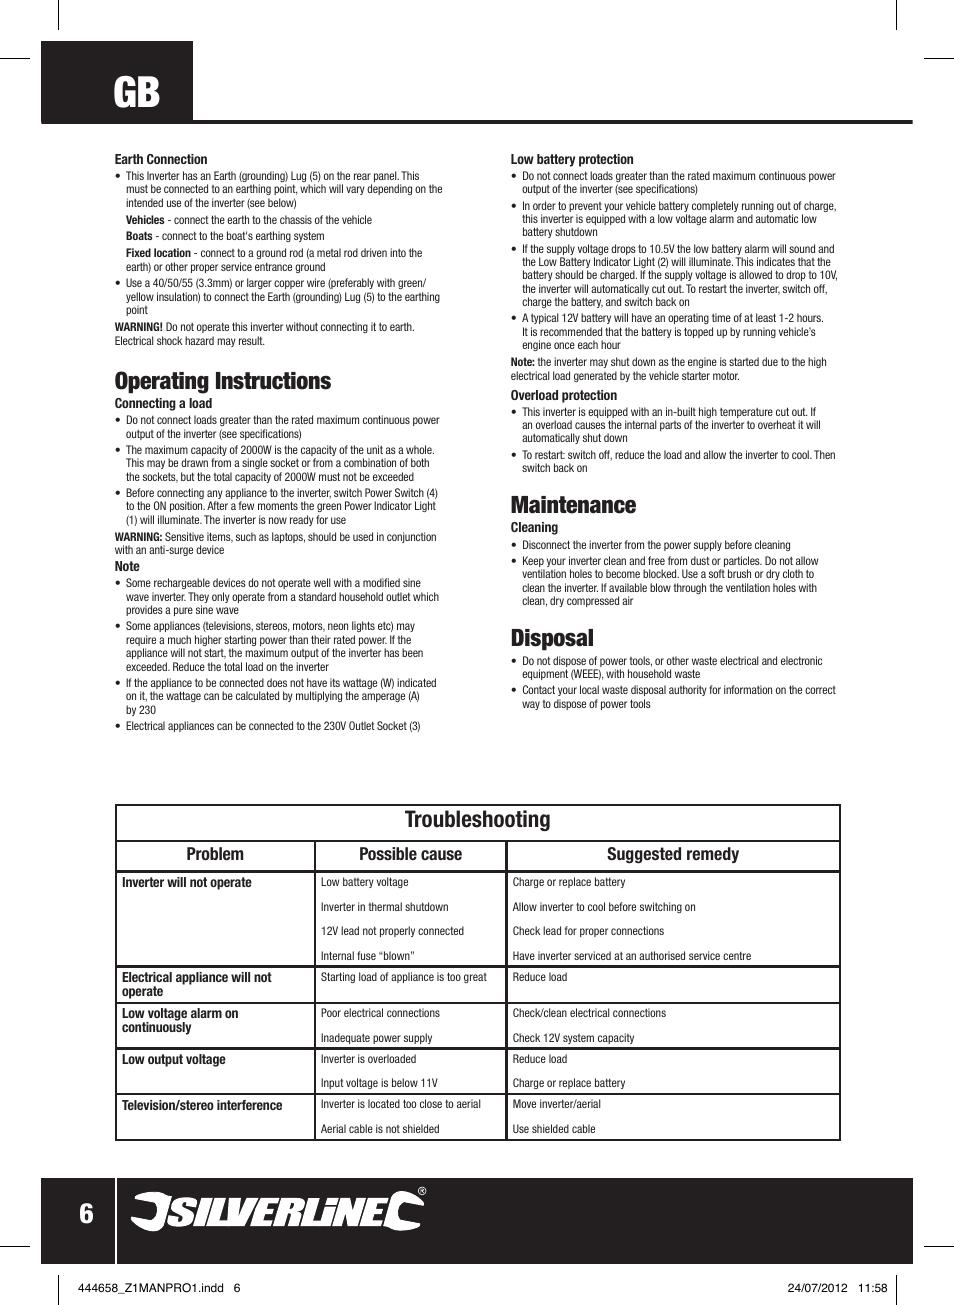 operating instructions maintenance disposal silverline inverter rh manualsdir com User Training User Training